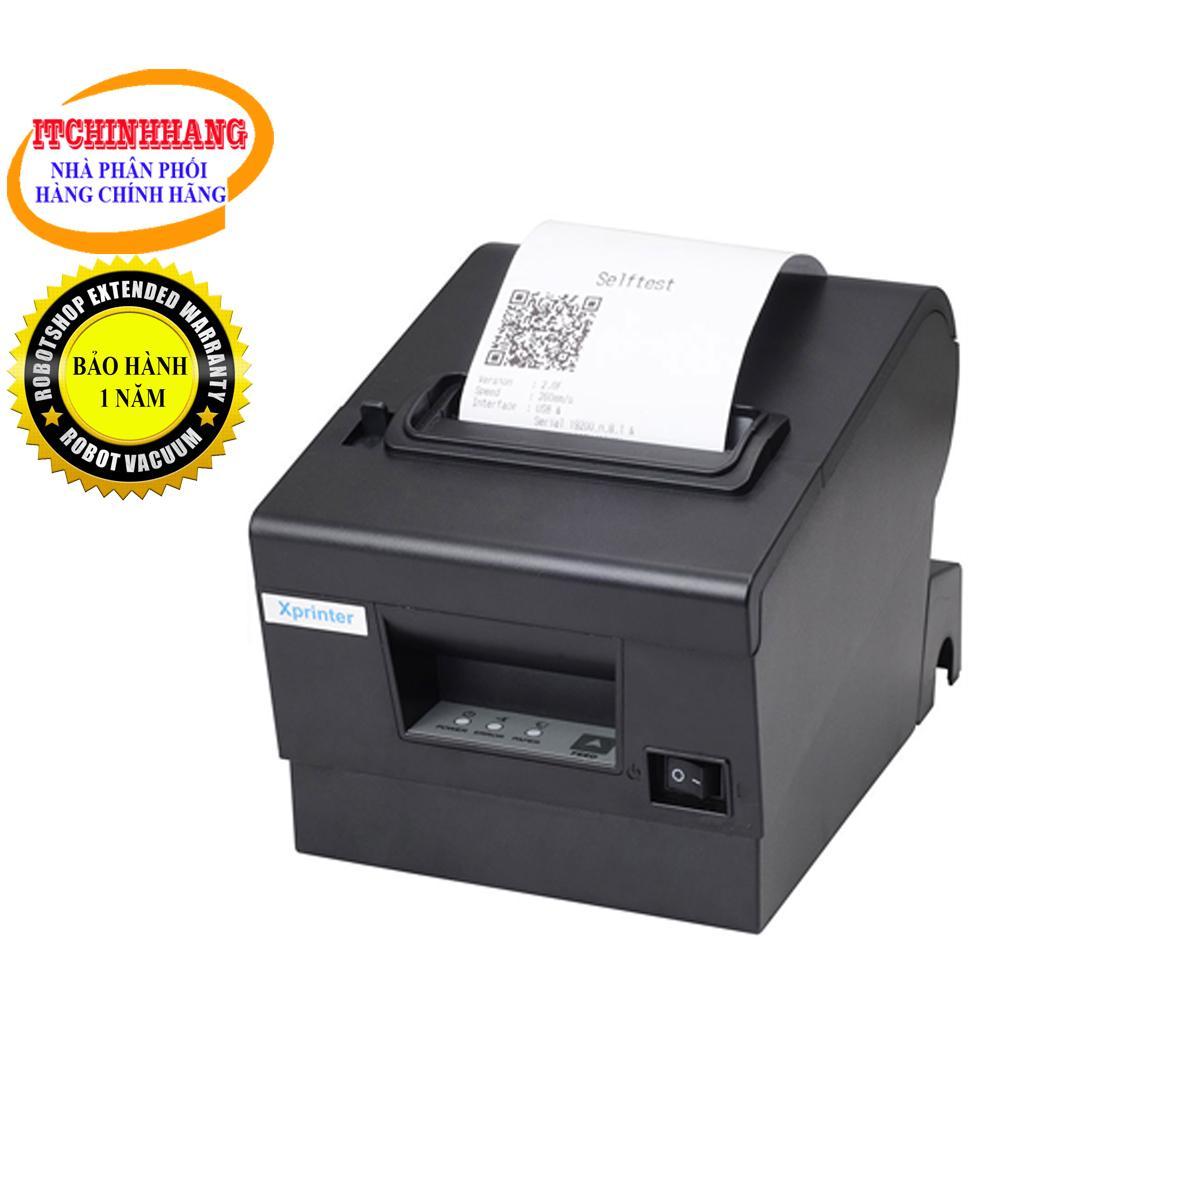 Hình ảnh Máy In Nhiệt Xprinter XP-Q260